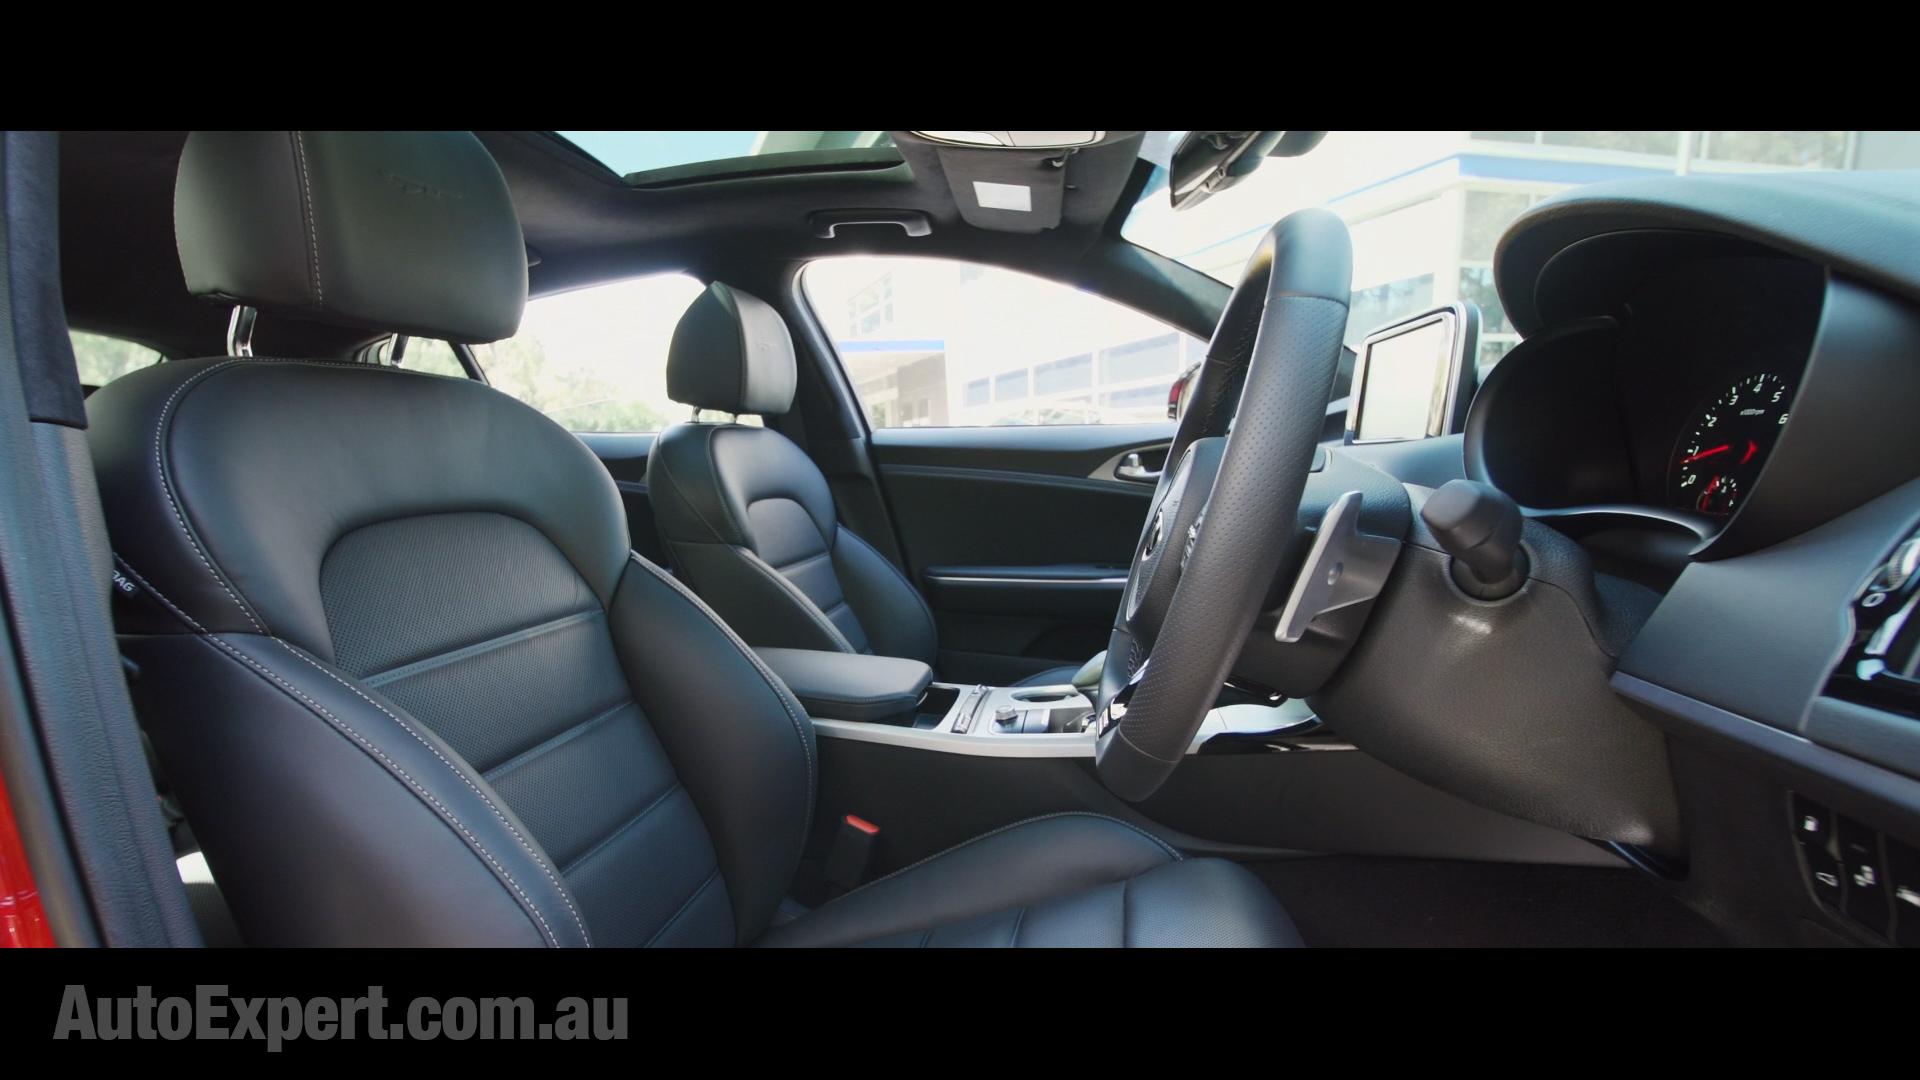 18 Kia Stinger Front Seat.jpg